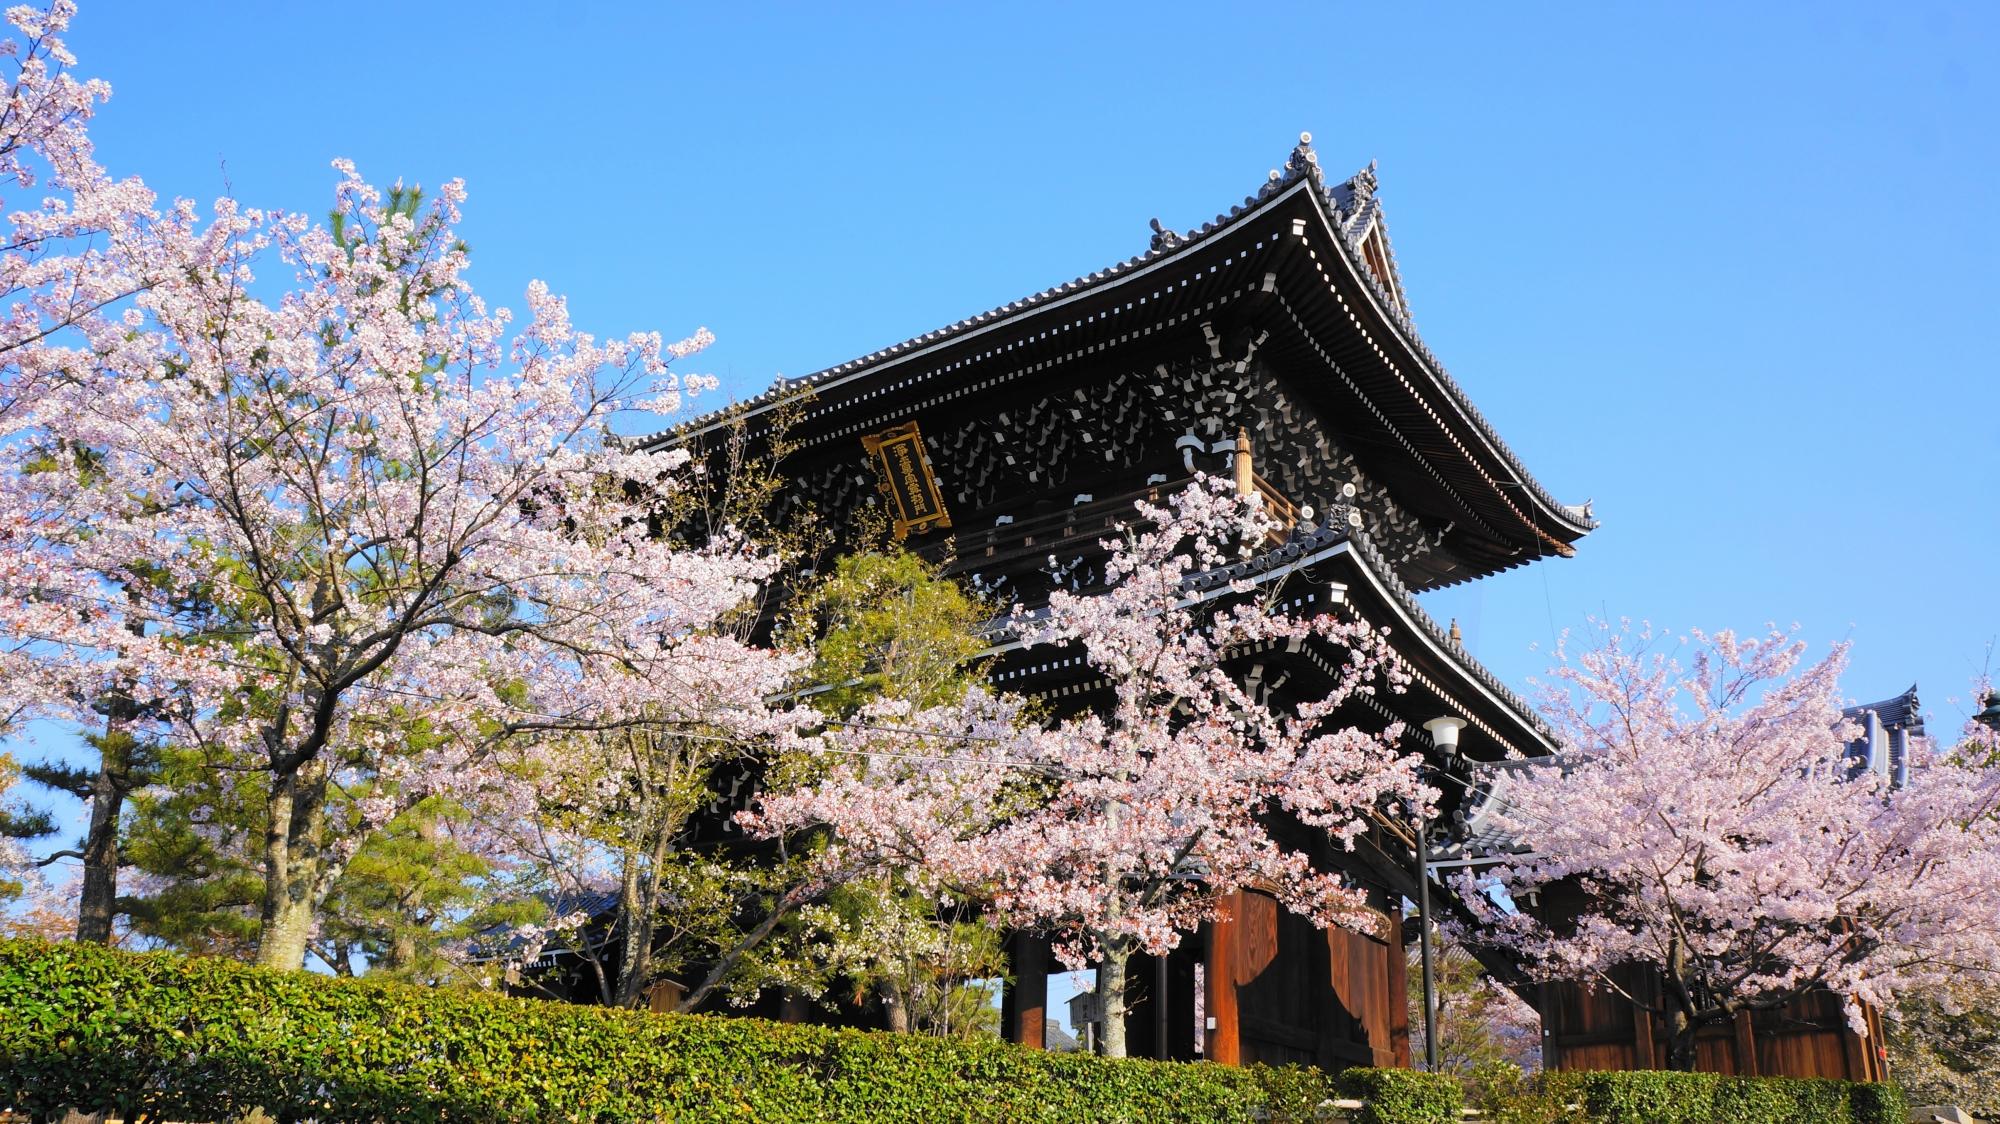 桜の中で凛として佇む山門で